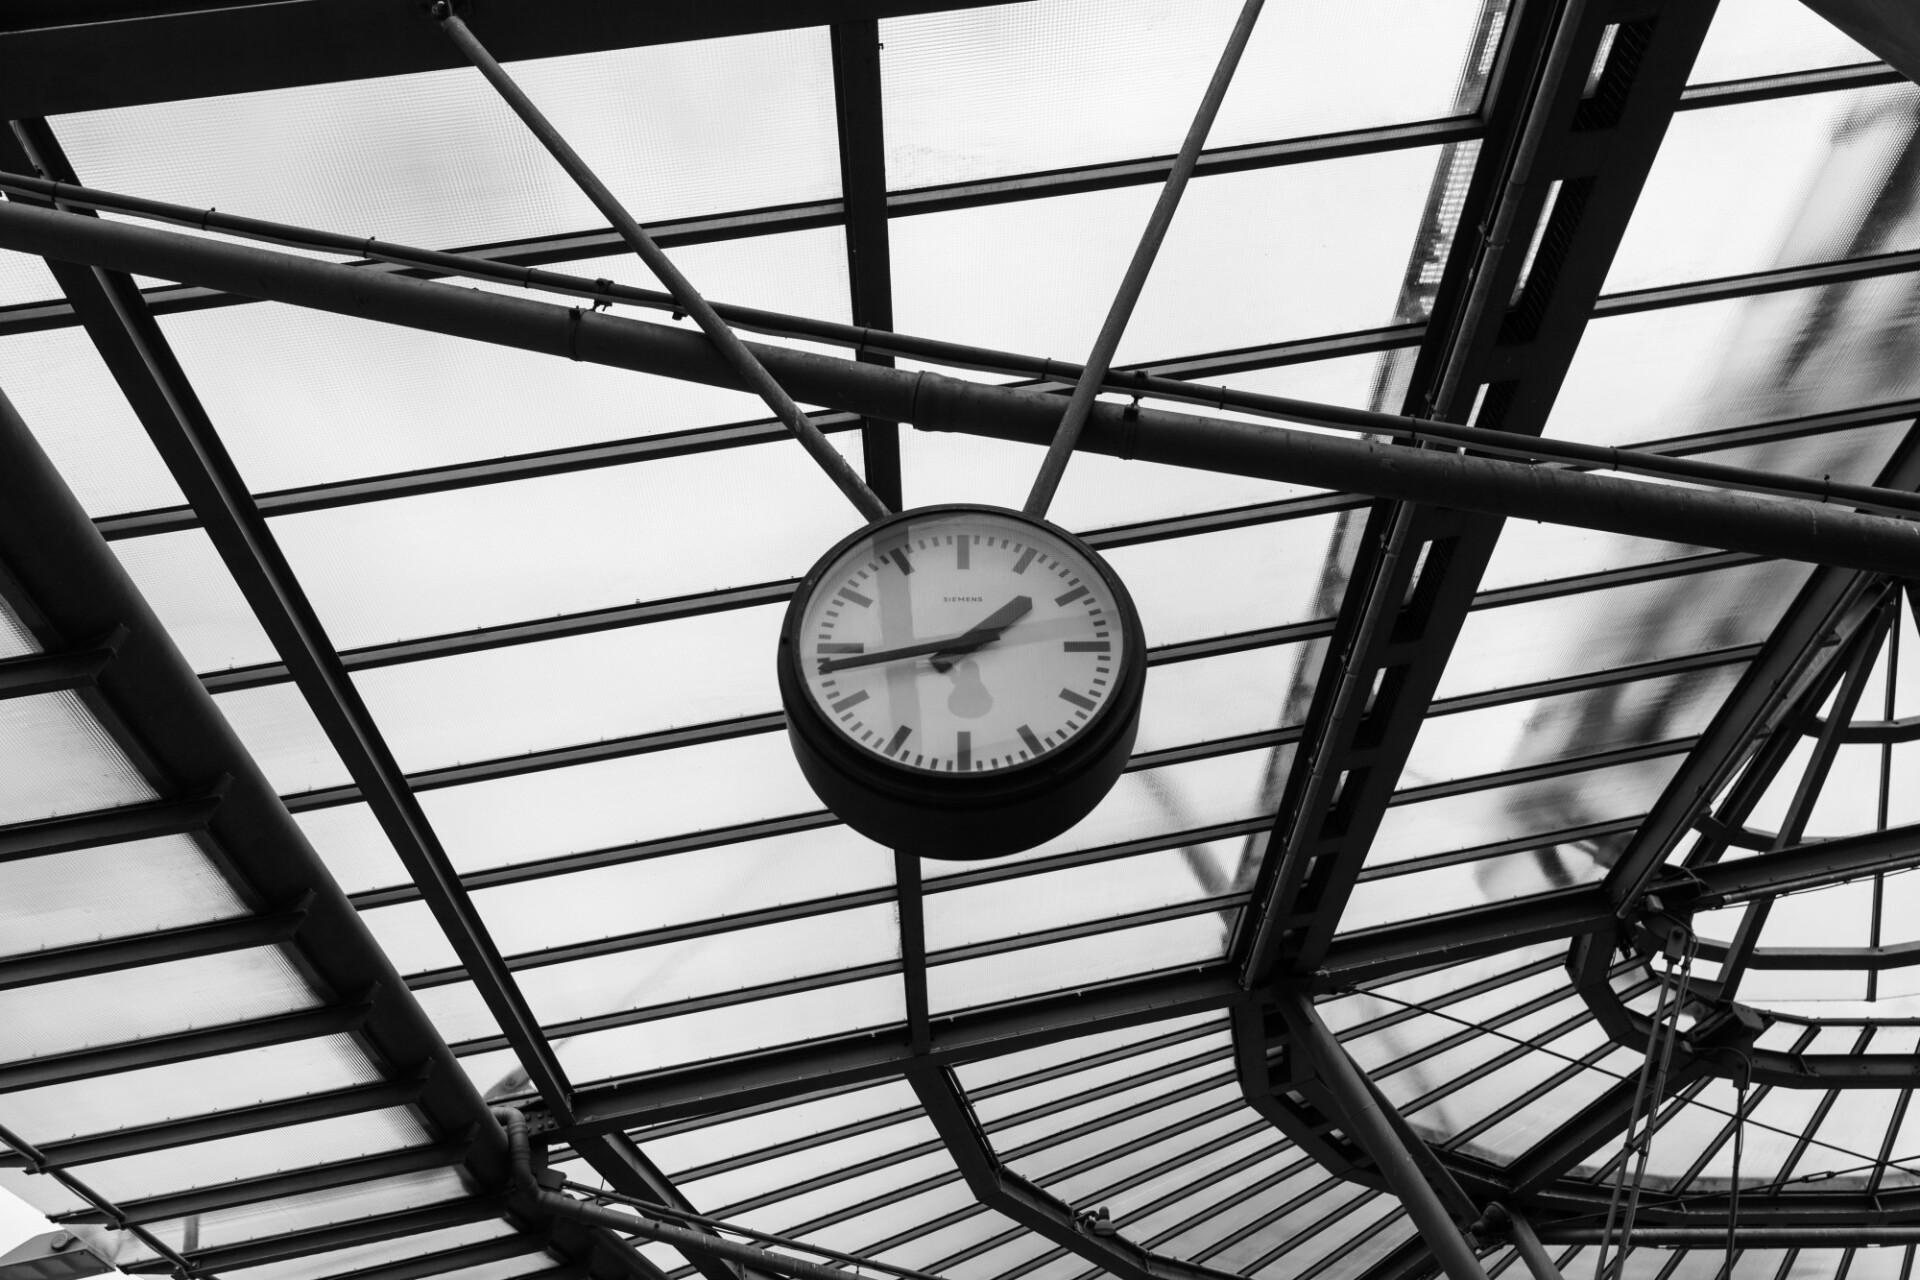 Clock at a train station